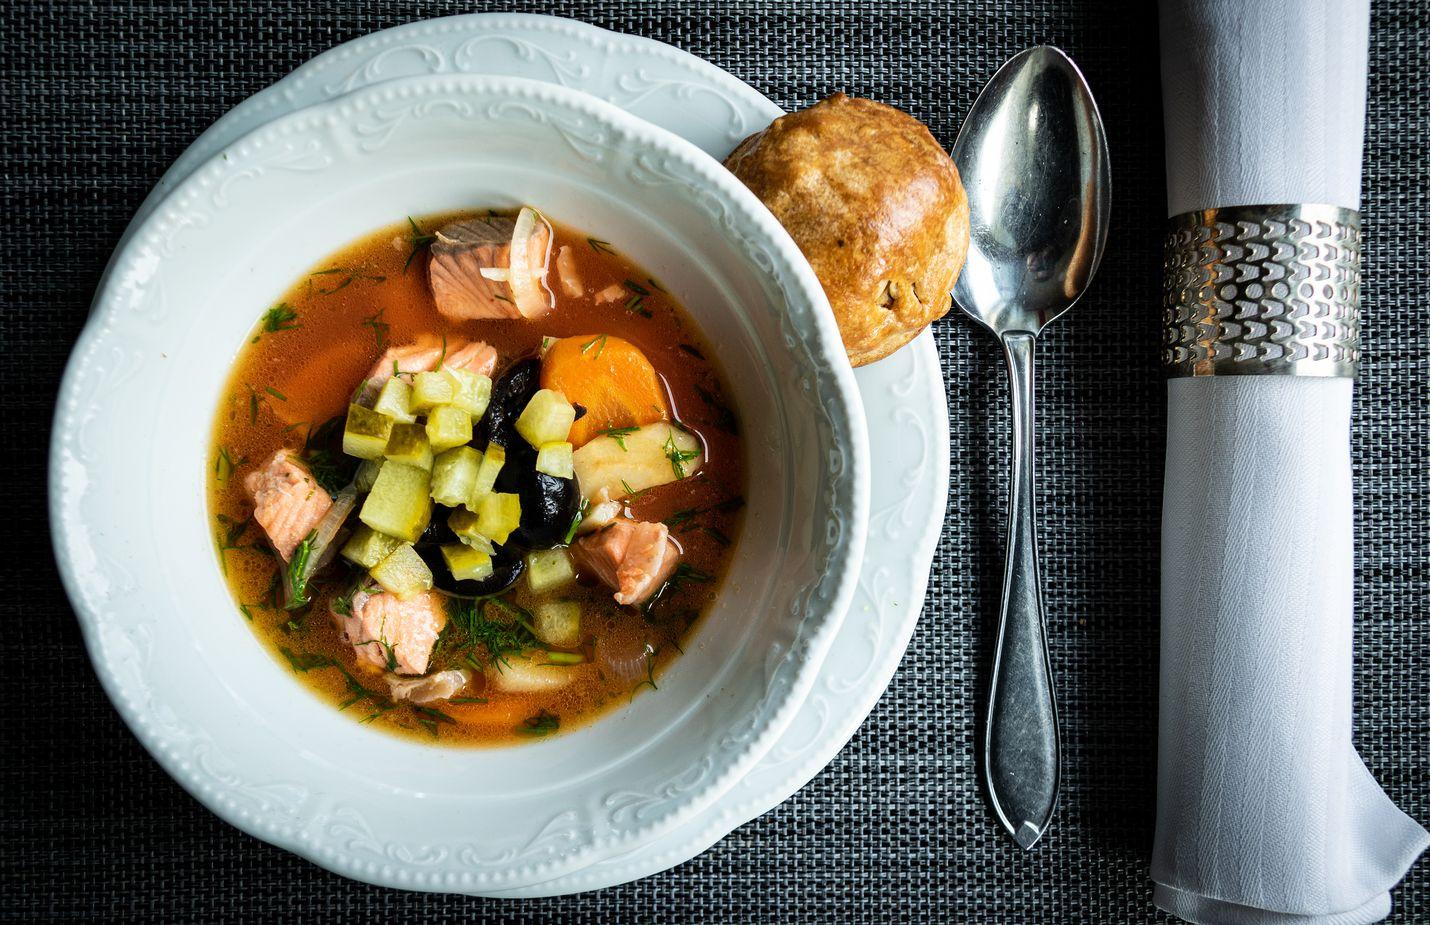 Tomaattisose, suolakurkut ja oliivit tuovat lisää makua lohiseljankaan, joka tarjoillaan sienipiiraan kera.